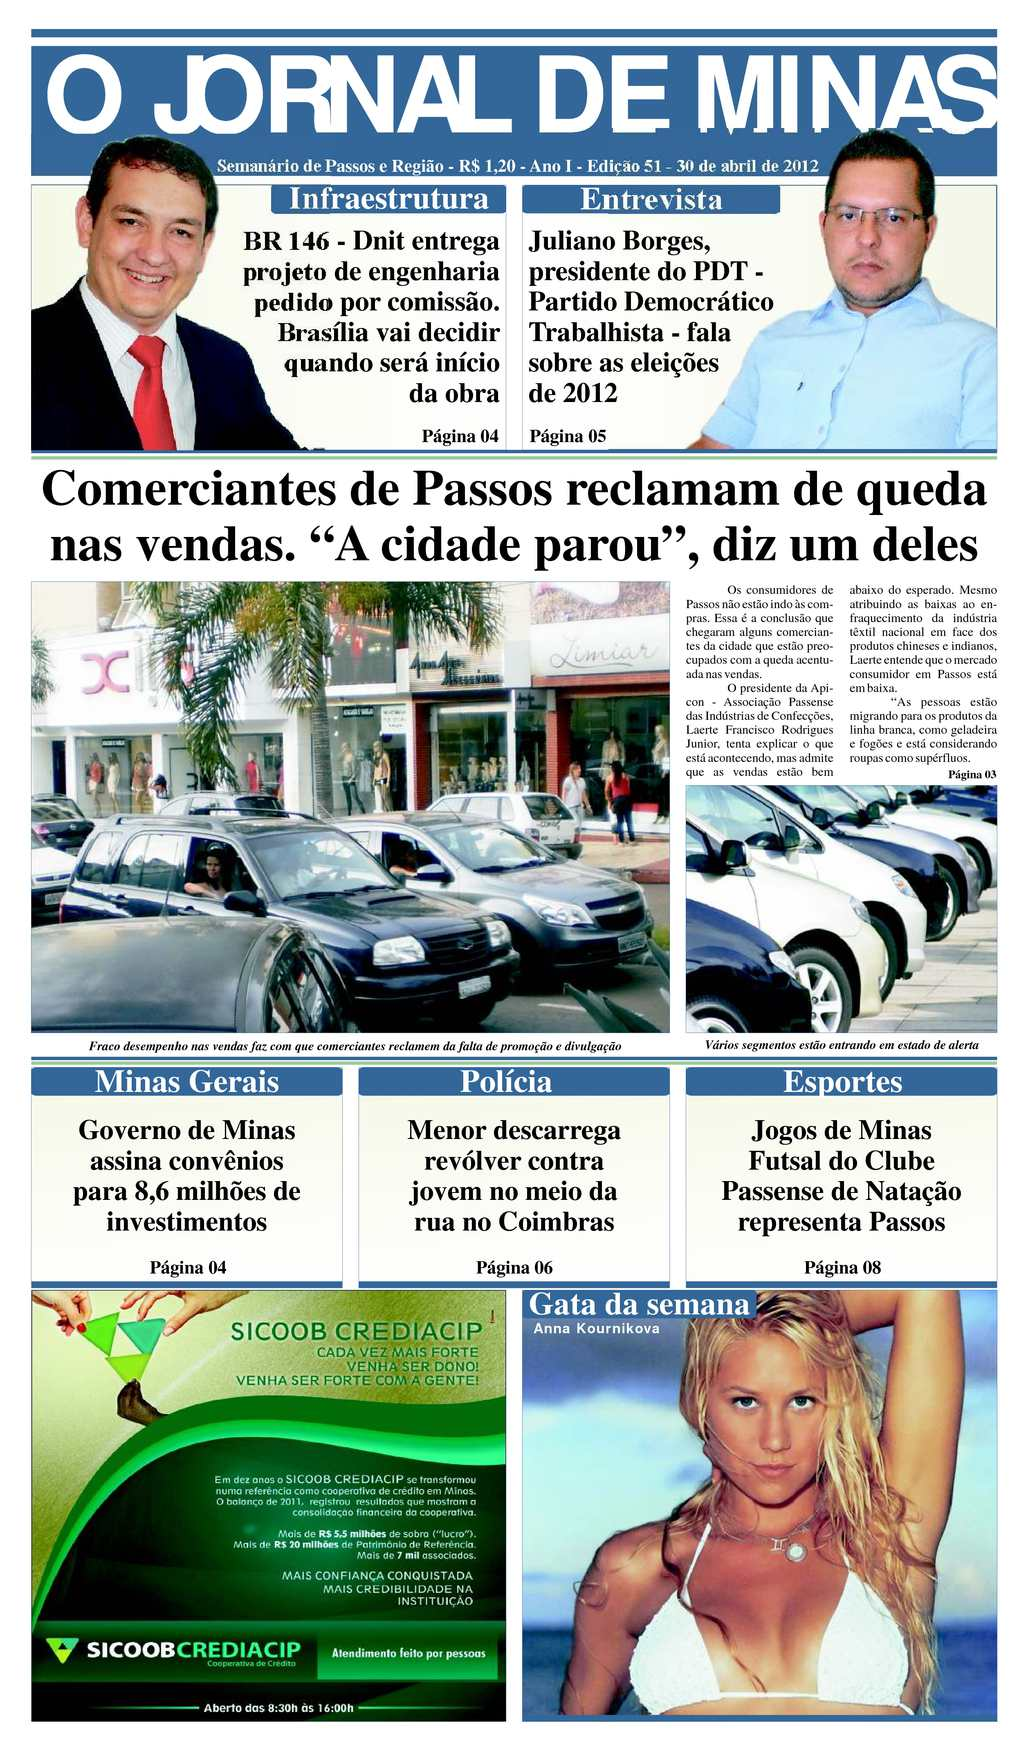 a7a6350d21 Calaméo - O Jornal de Minas Edição 51 de 30 de abril de 2012